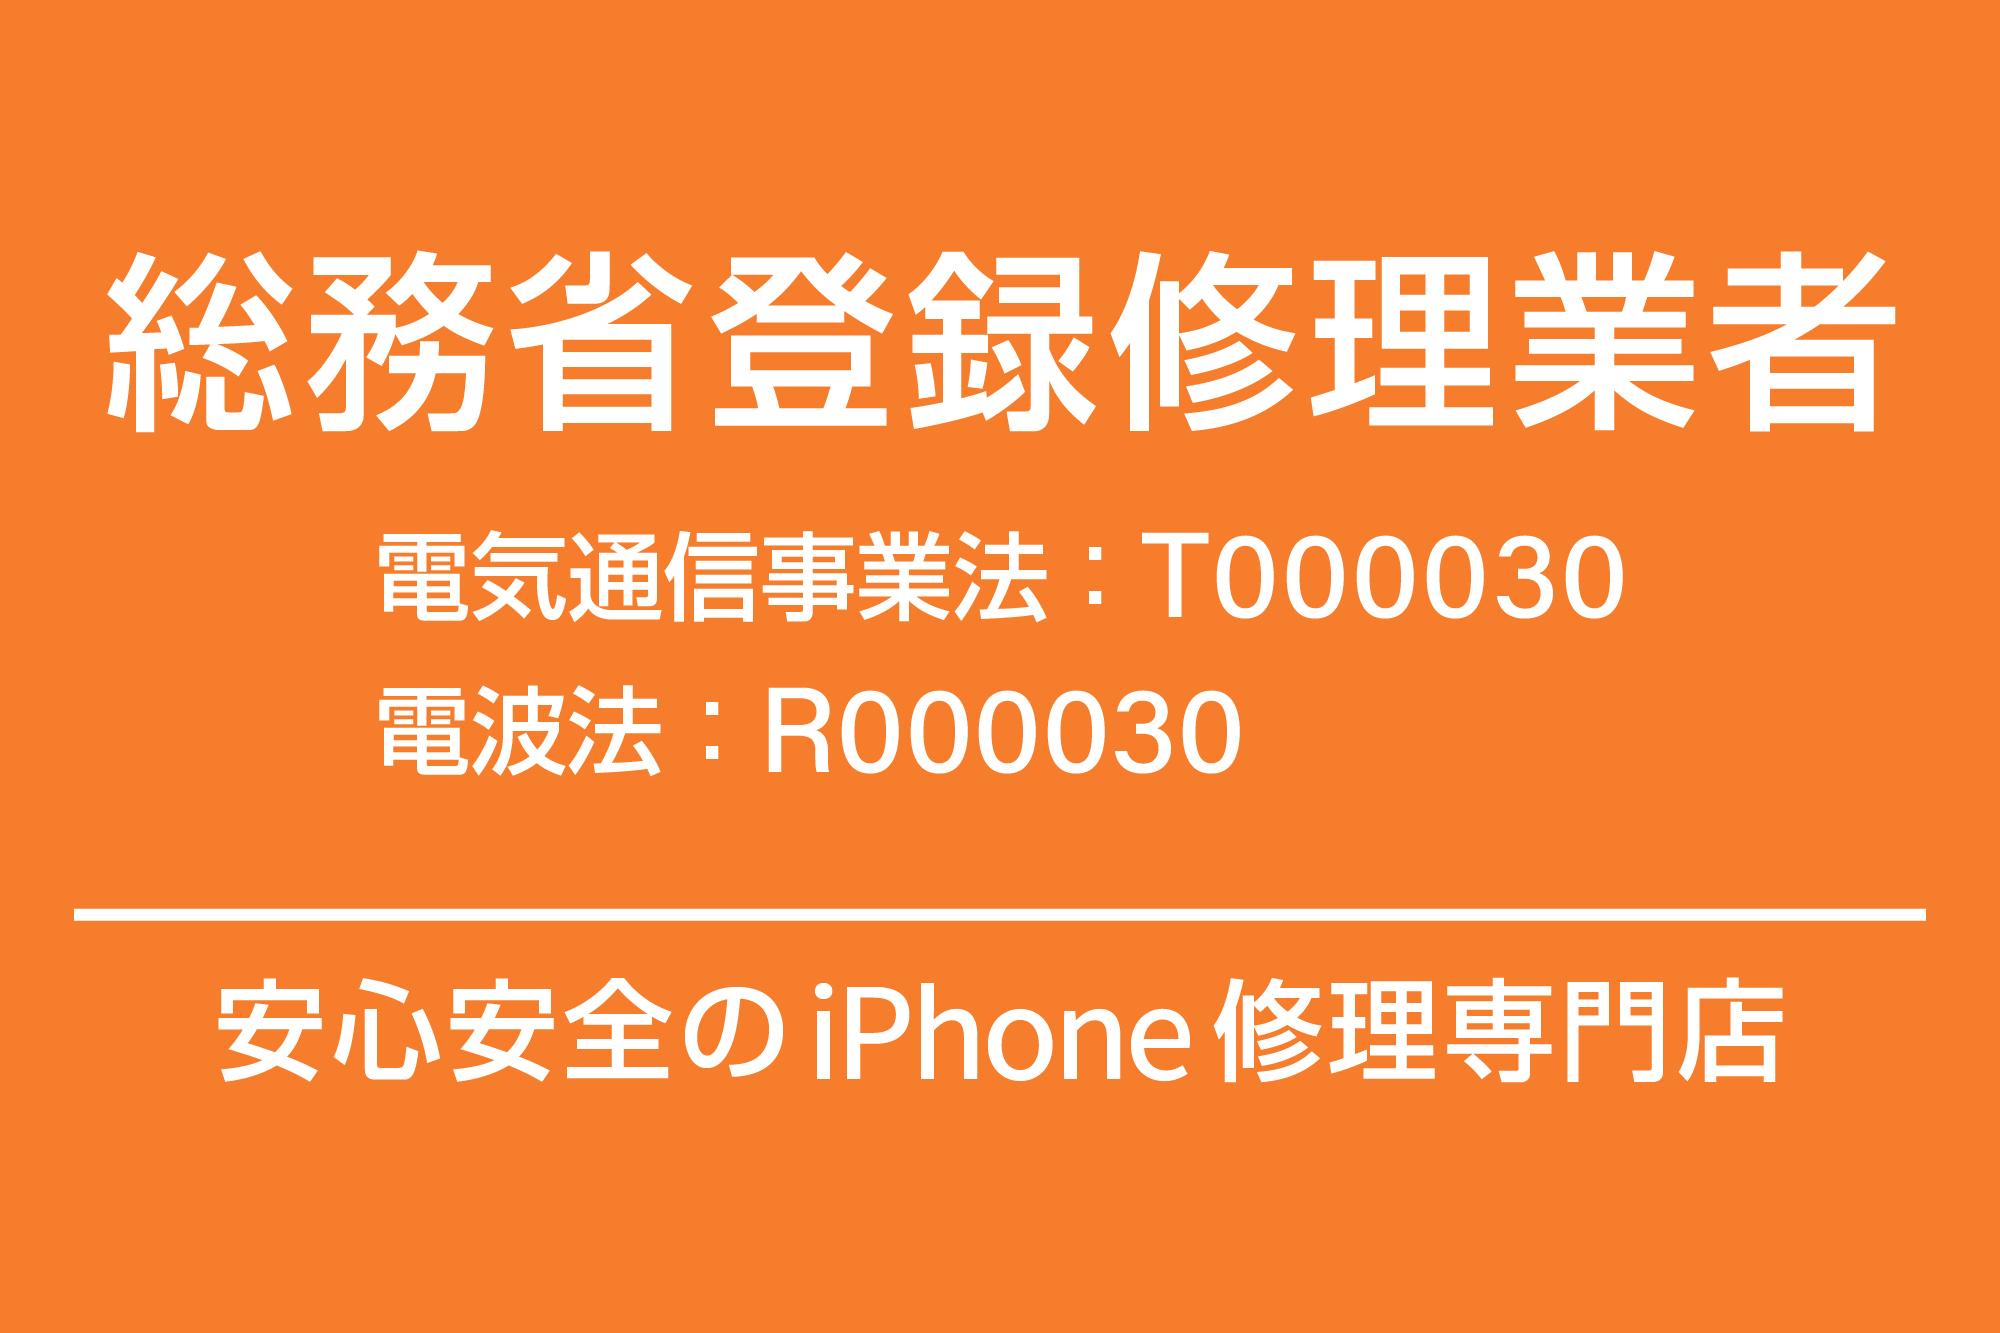 モバイル修理.jpは登録修理業者です!